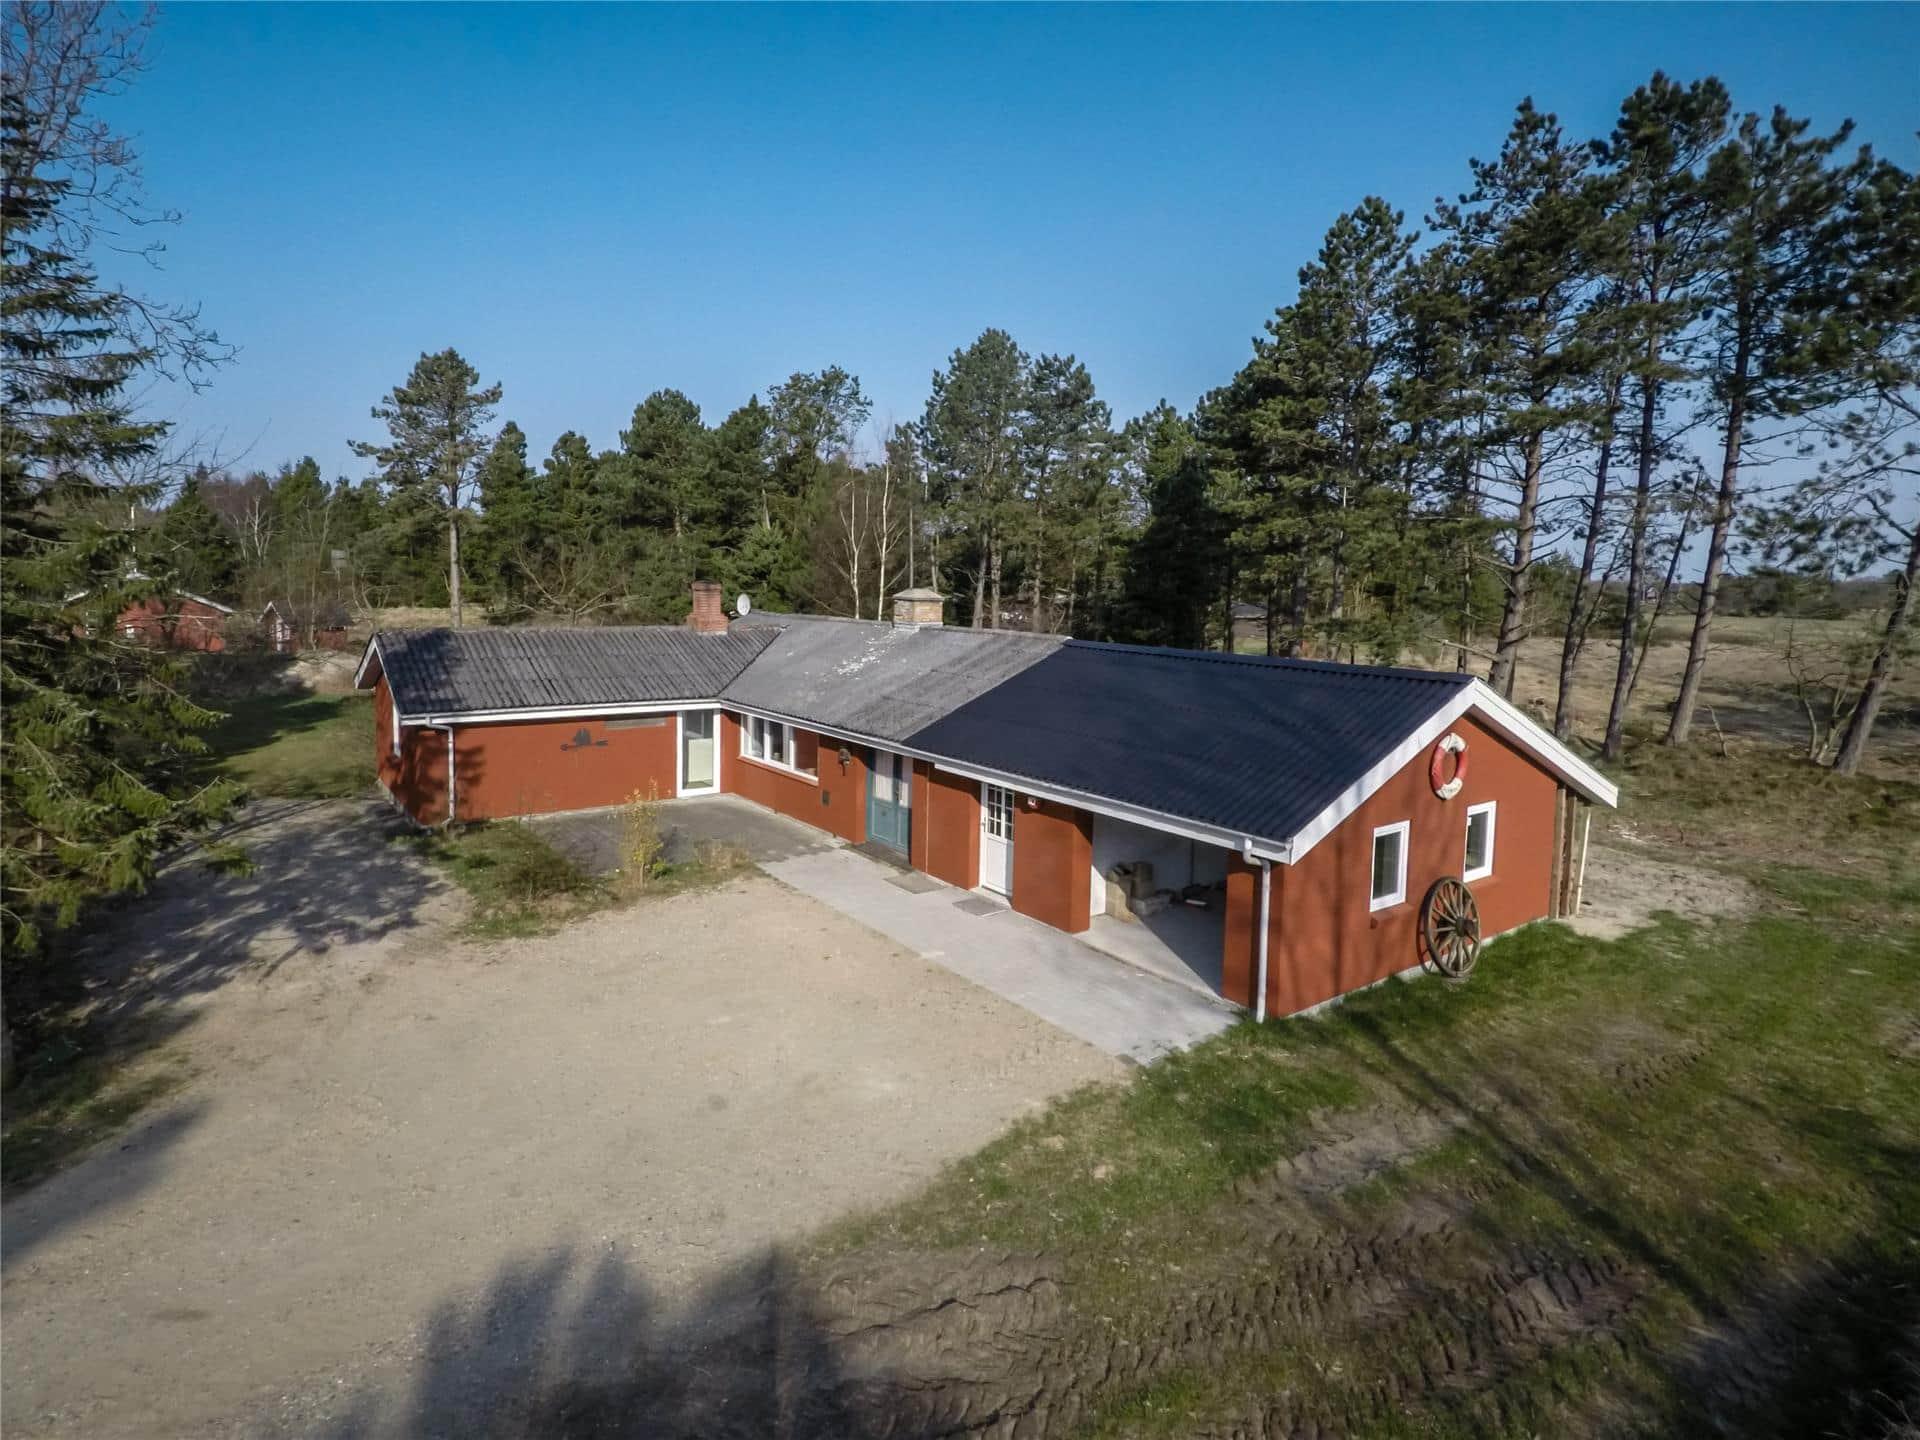 Billede 1-11 Sommerhus 0307, Langdalsvej 30, DK - 6792 Rømø